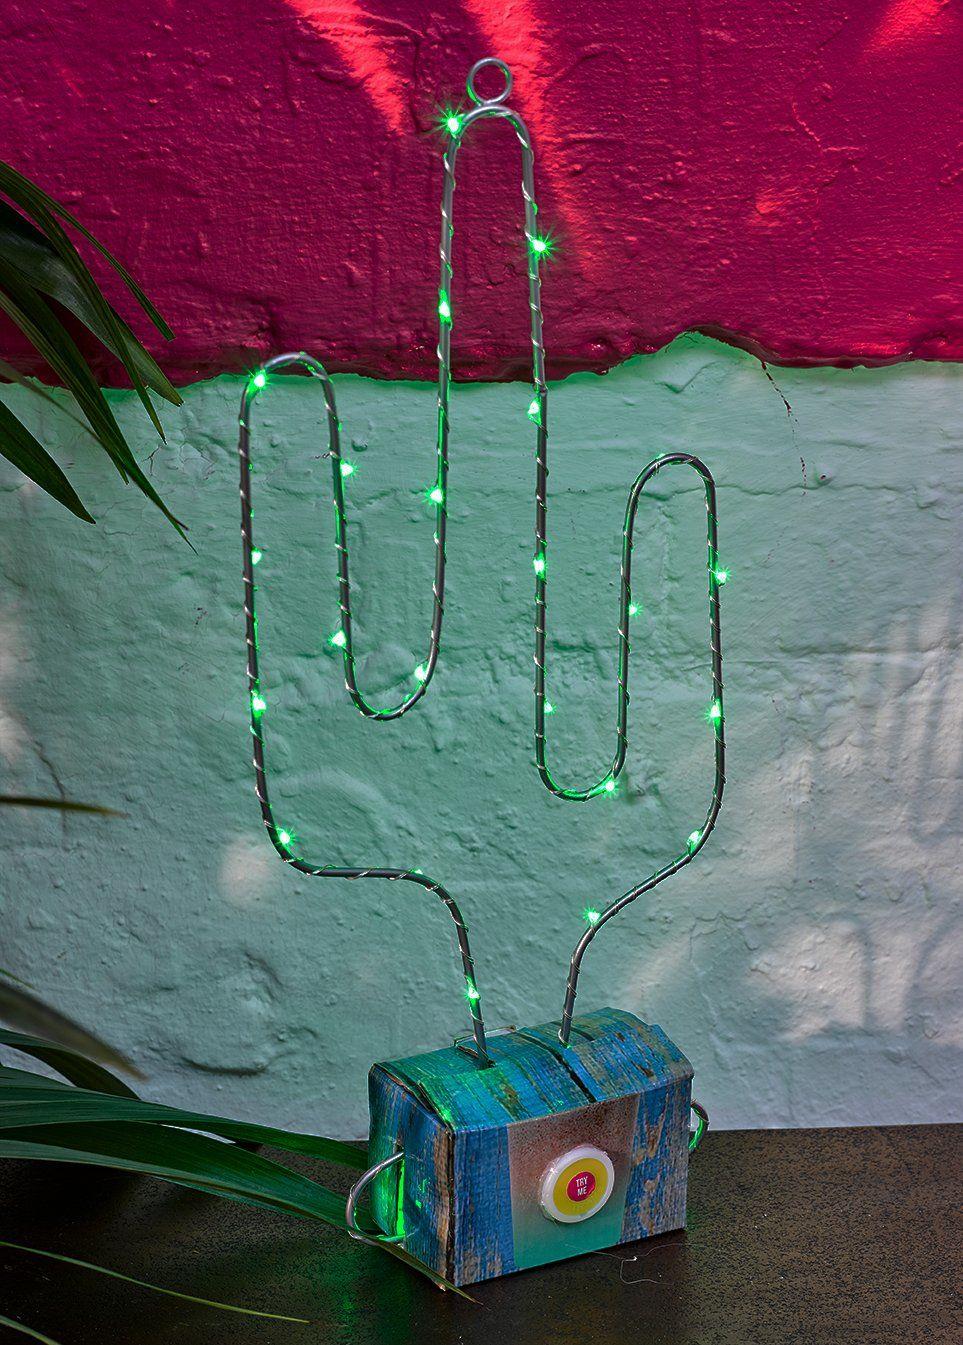 Stoły rozmowy kubańskie Fiesta zasilane na baterie lampa LED w kształcie kaktusa do dekoracji wnętrz i letniej imprezy, zielone